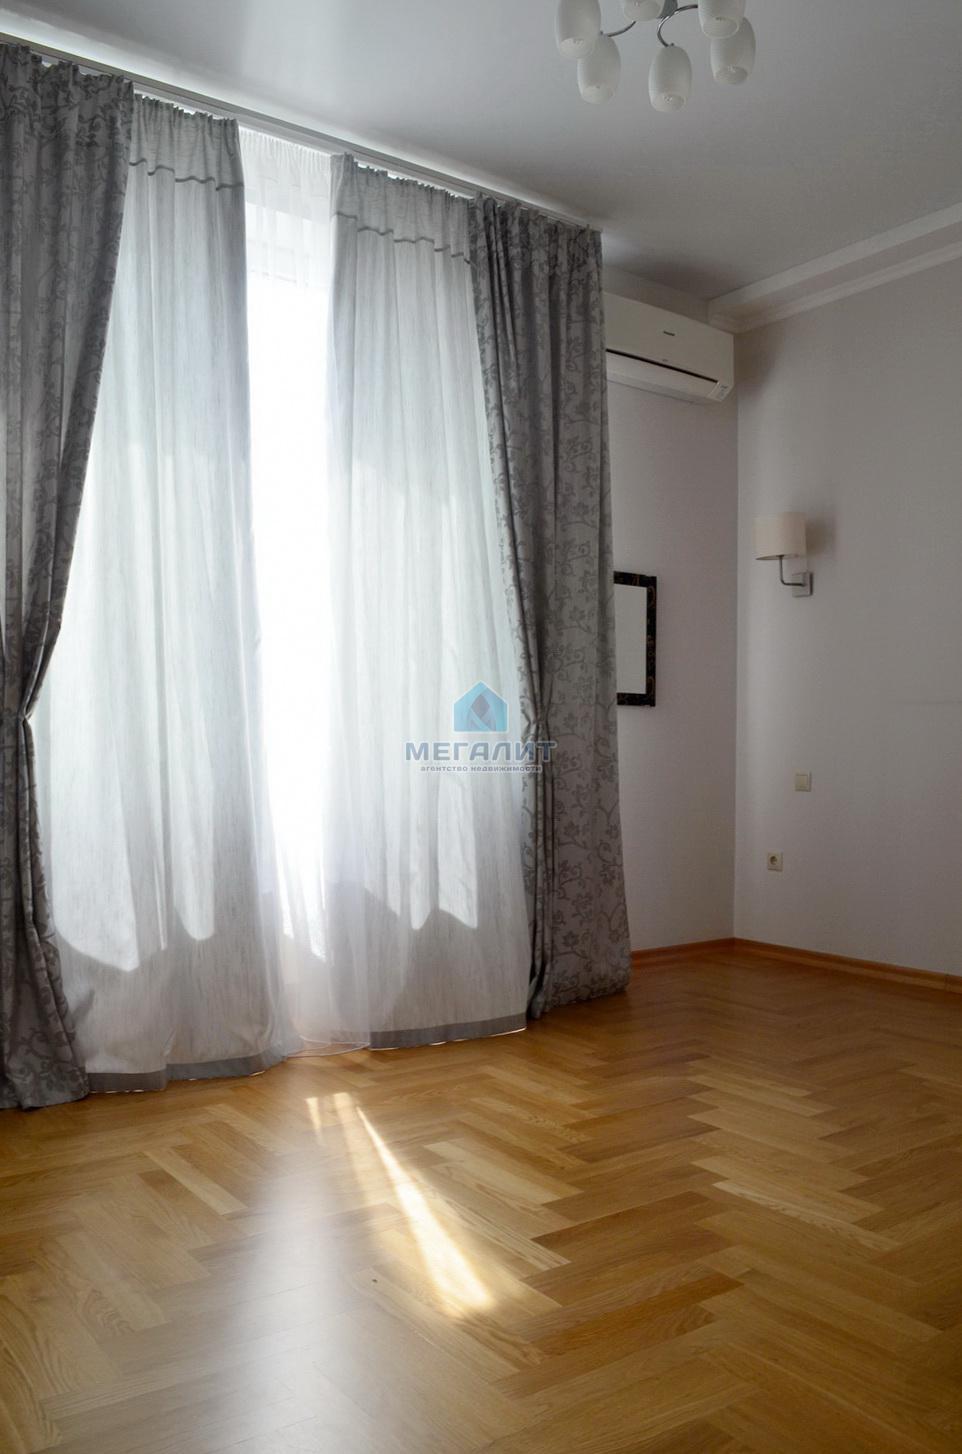 Продажа 2-к квартиры Тулпар 7, 83 м² (миниатюра №6)